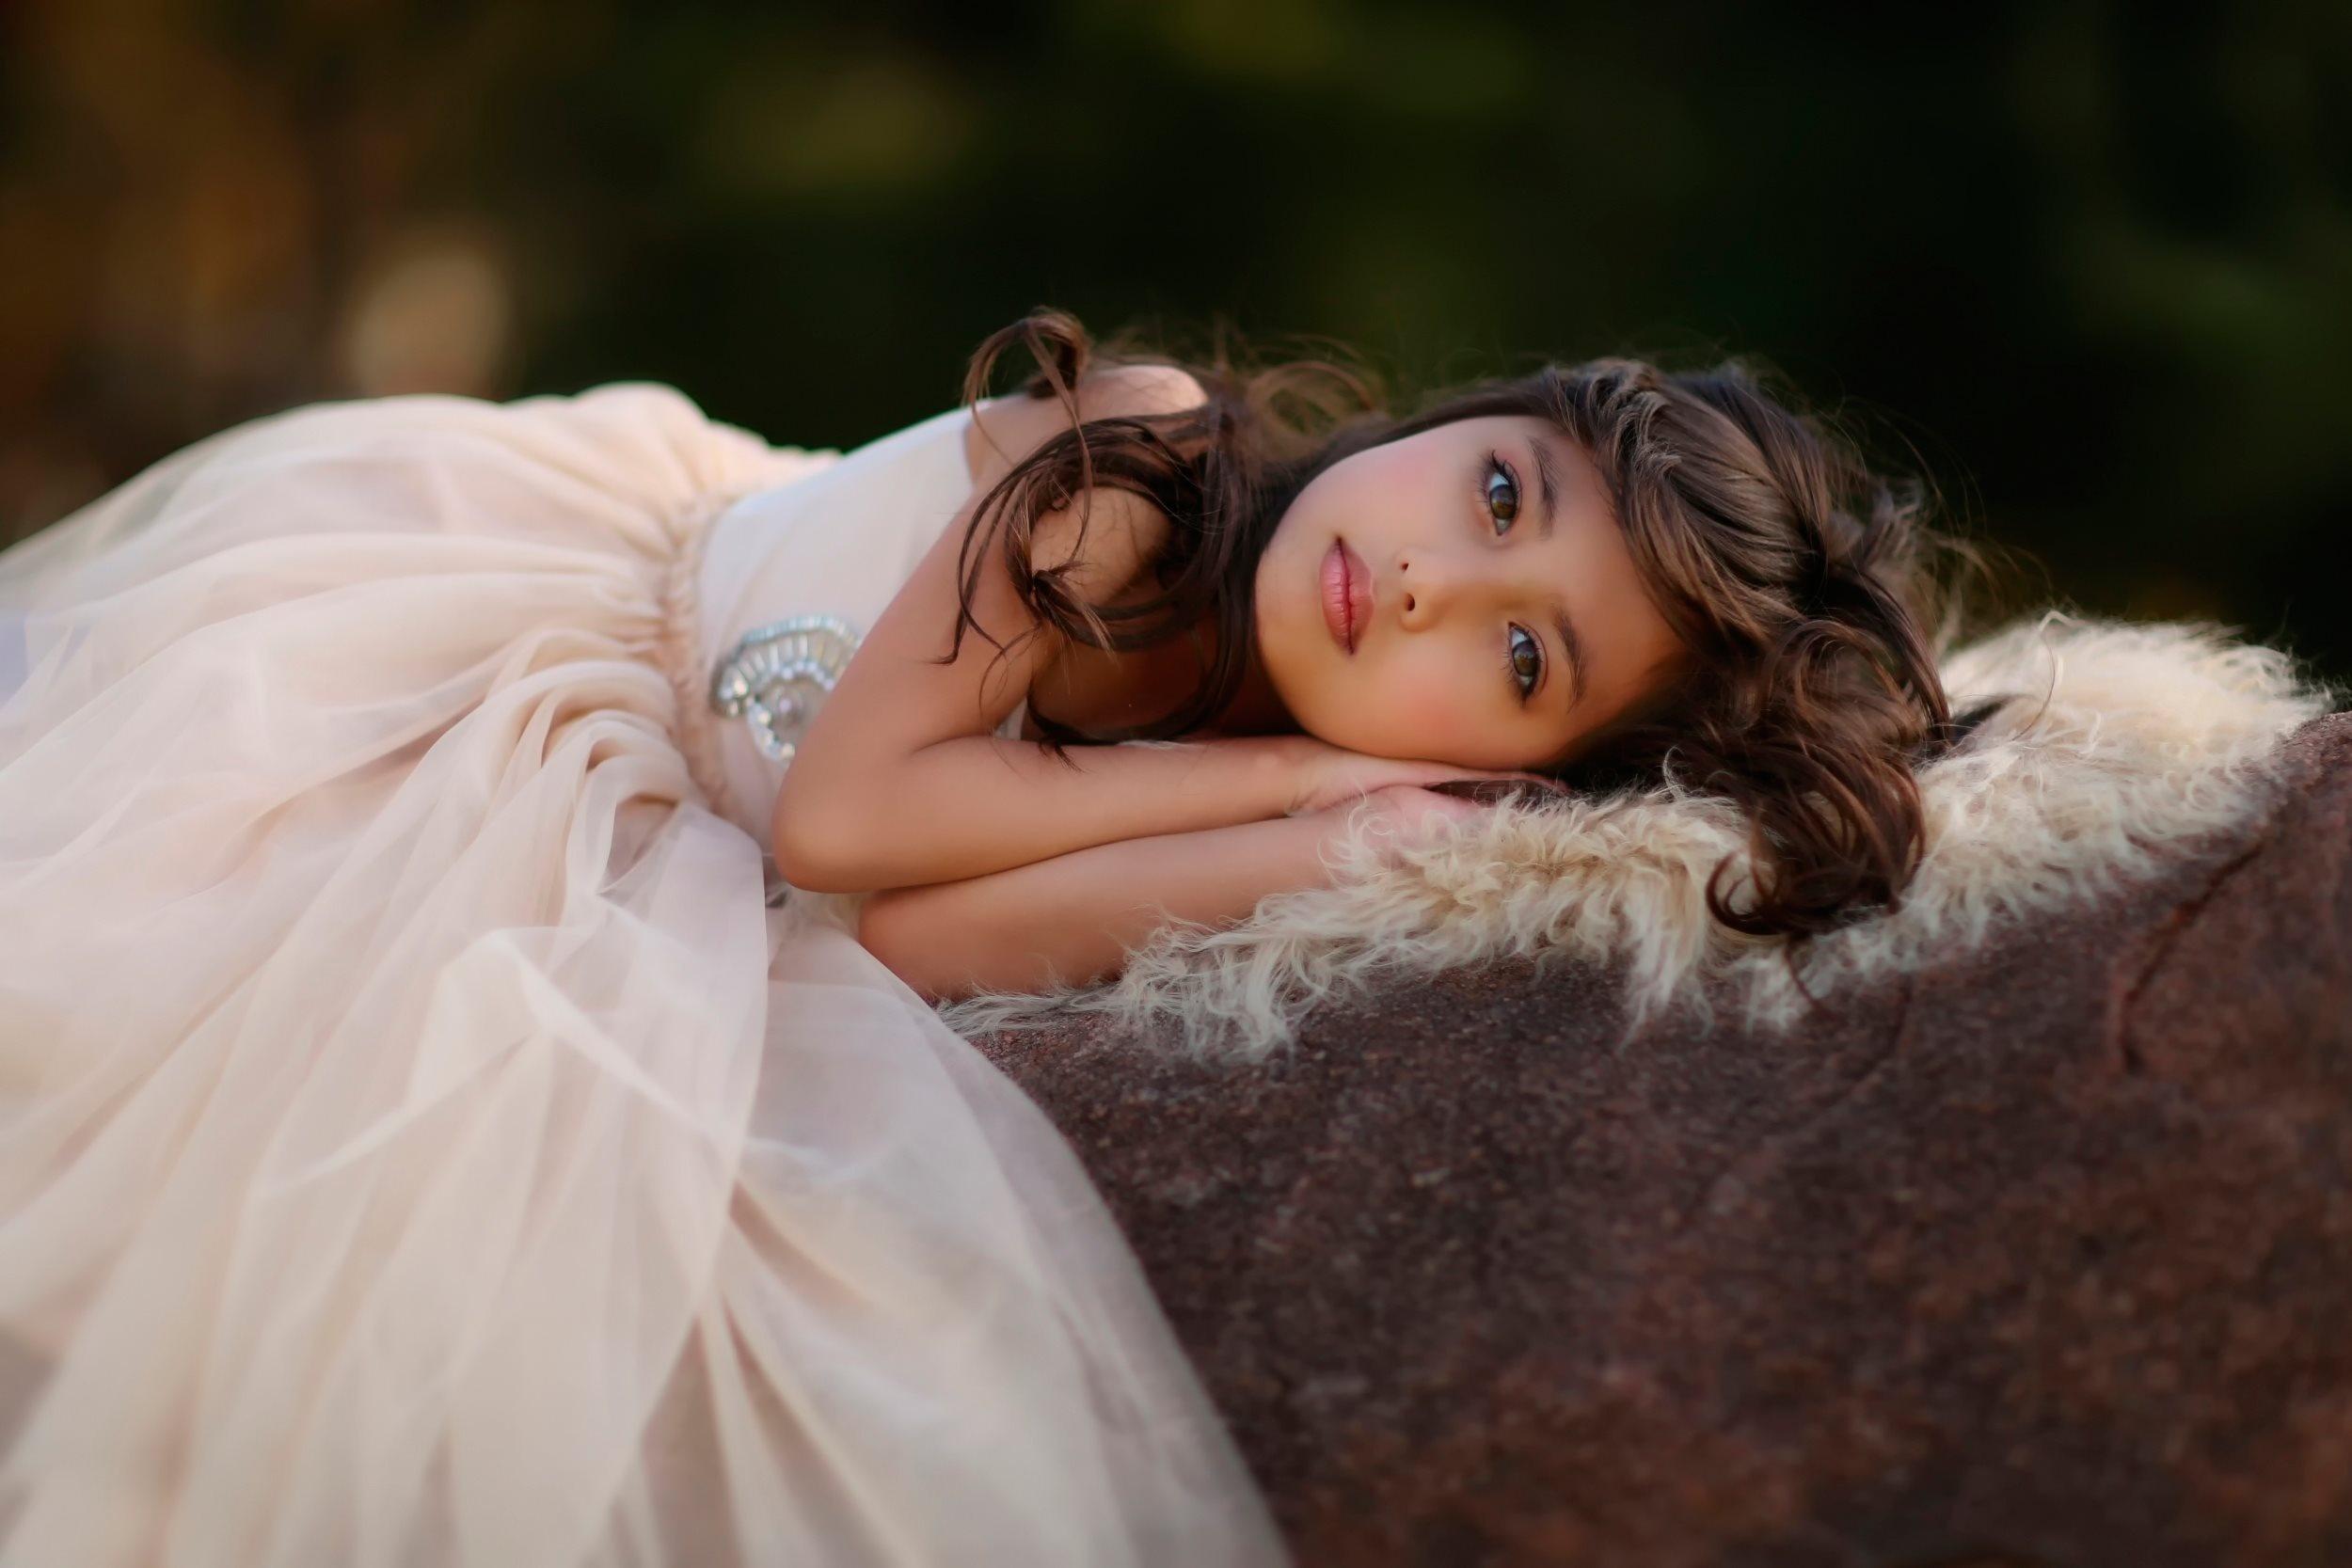 Фото девушки с маленькими, Маленькая грудьфото. Девушки с натуральной 25 фотография